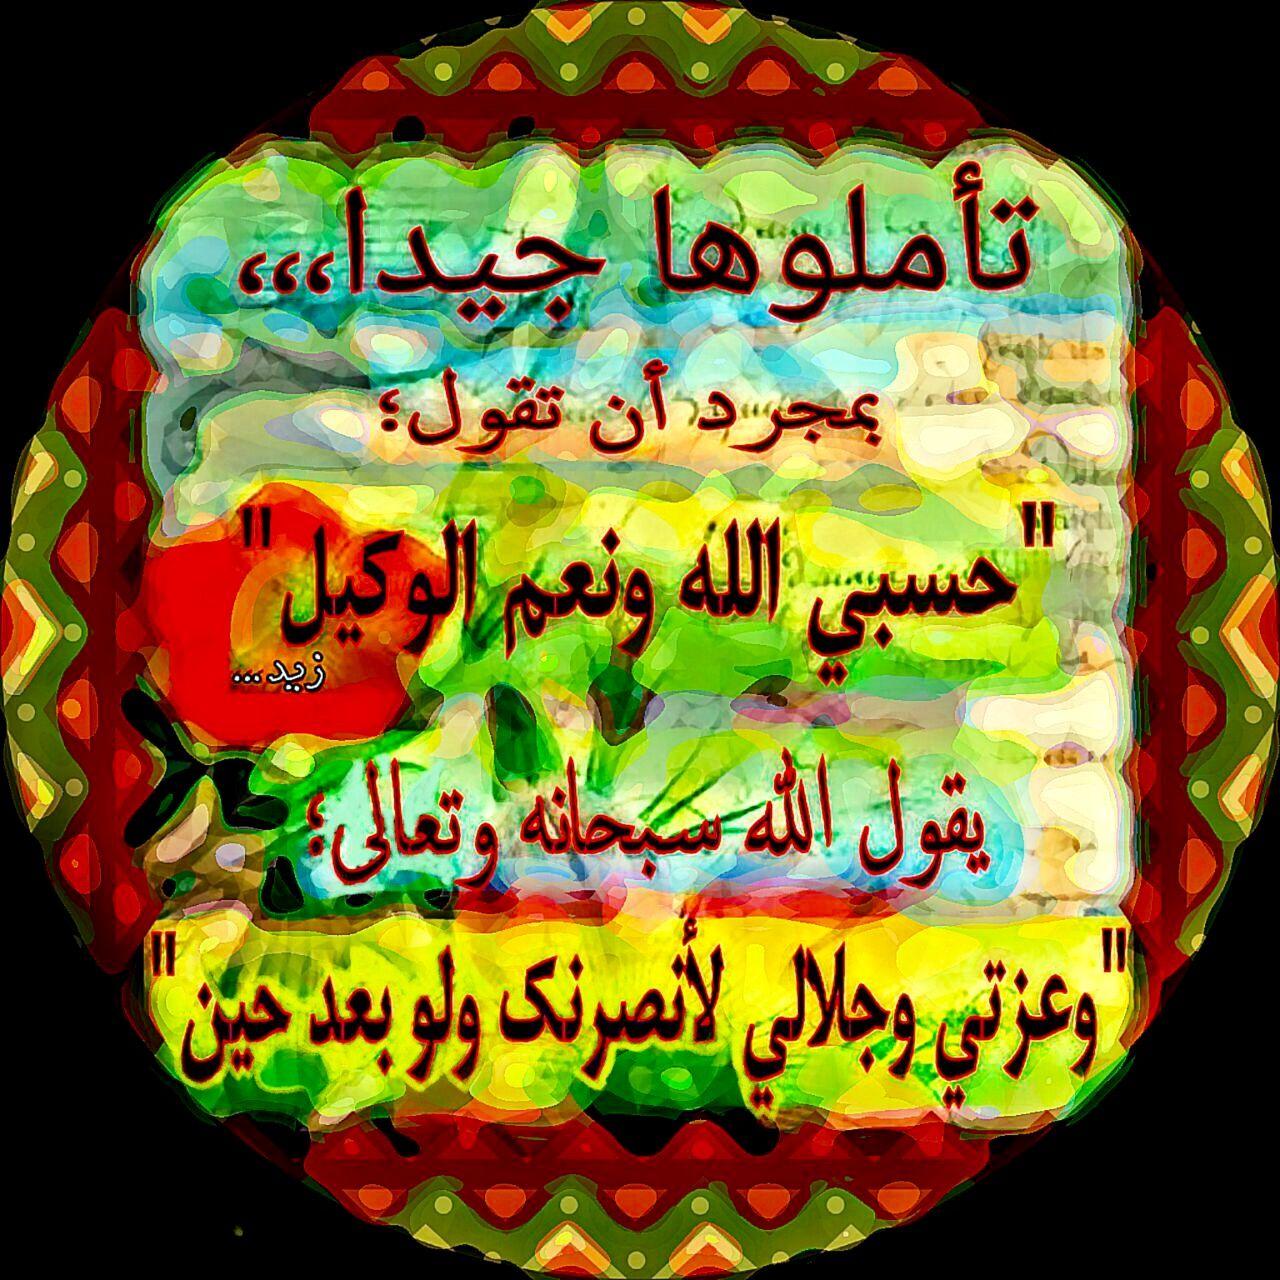 دعاء حسبي الله ونعم الوكيل دعاء المظلوم علي الظالم صور بنات